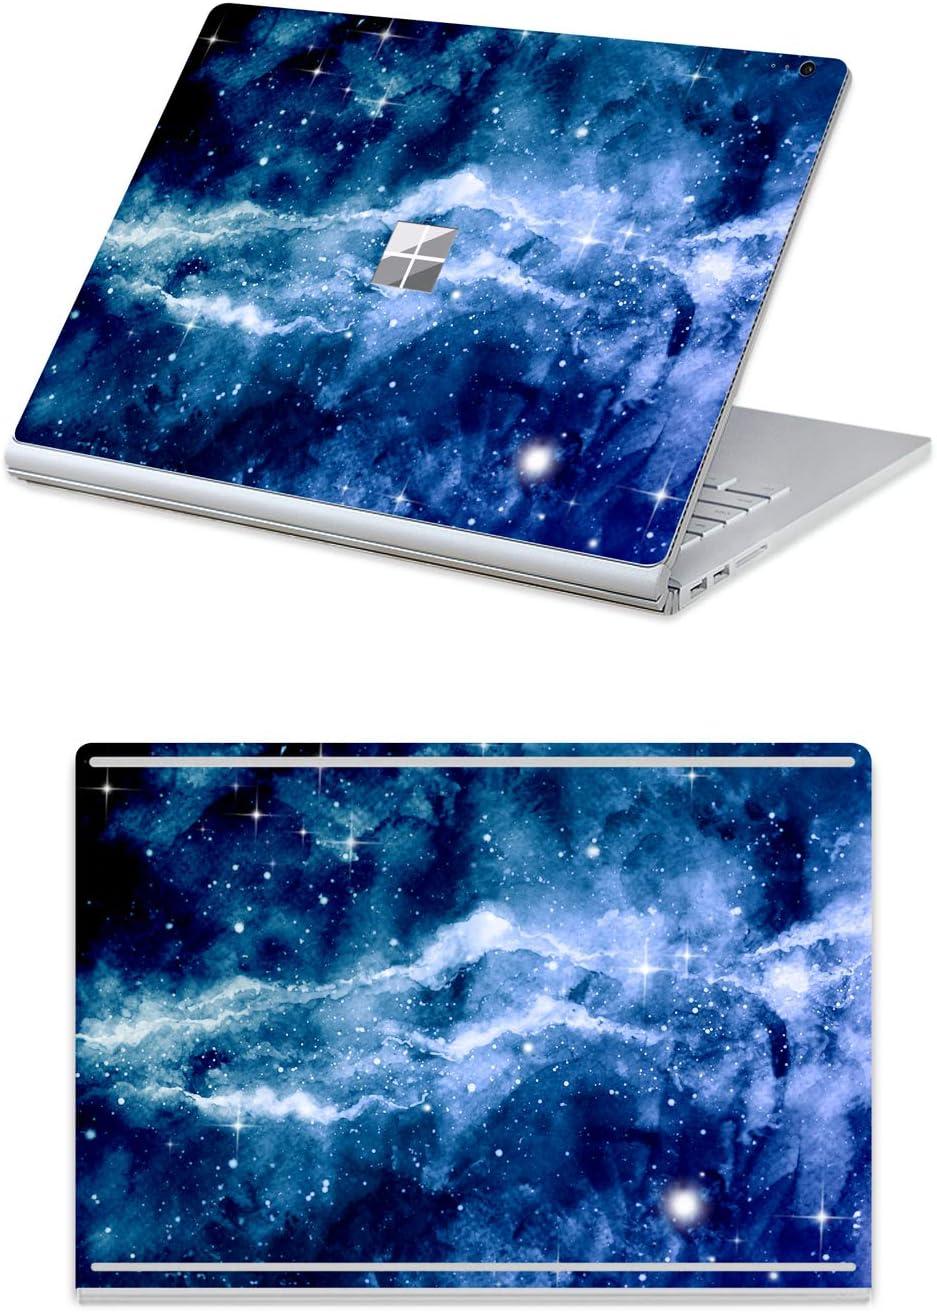 2017 ver/öffentlicht 13 Zoll Schutzh/ülle Marmor-Blau mit Schwarz for 15 Surface Book 2 33,8 cm 13 Zoll MasiBloom 2-in-1 Laptop-Sticker f/ür 33 cm Microsoft Surface Book 2